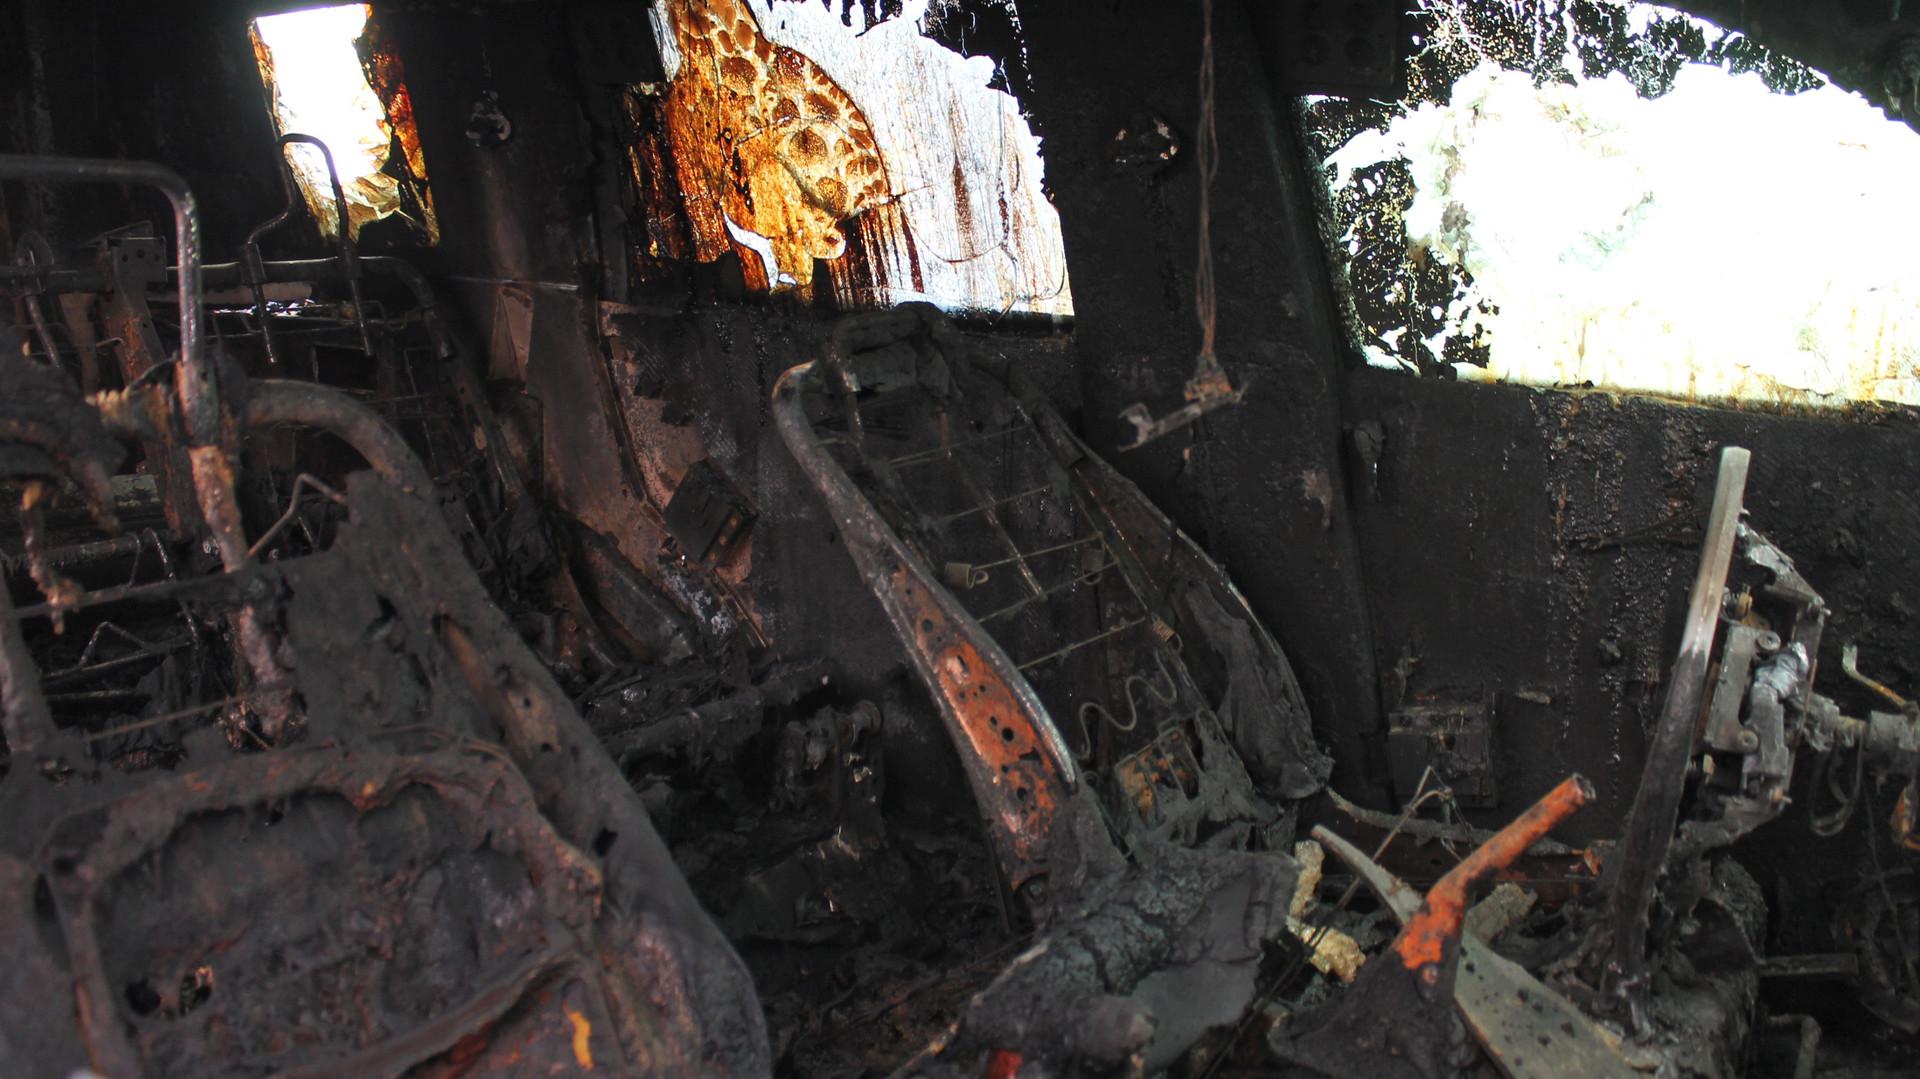 Sept voitures de l'OSCE incendiées à Donetsk, les autorités locales suspectent une diversion